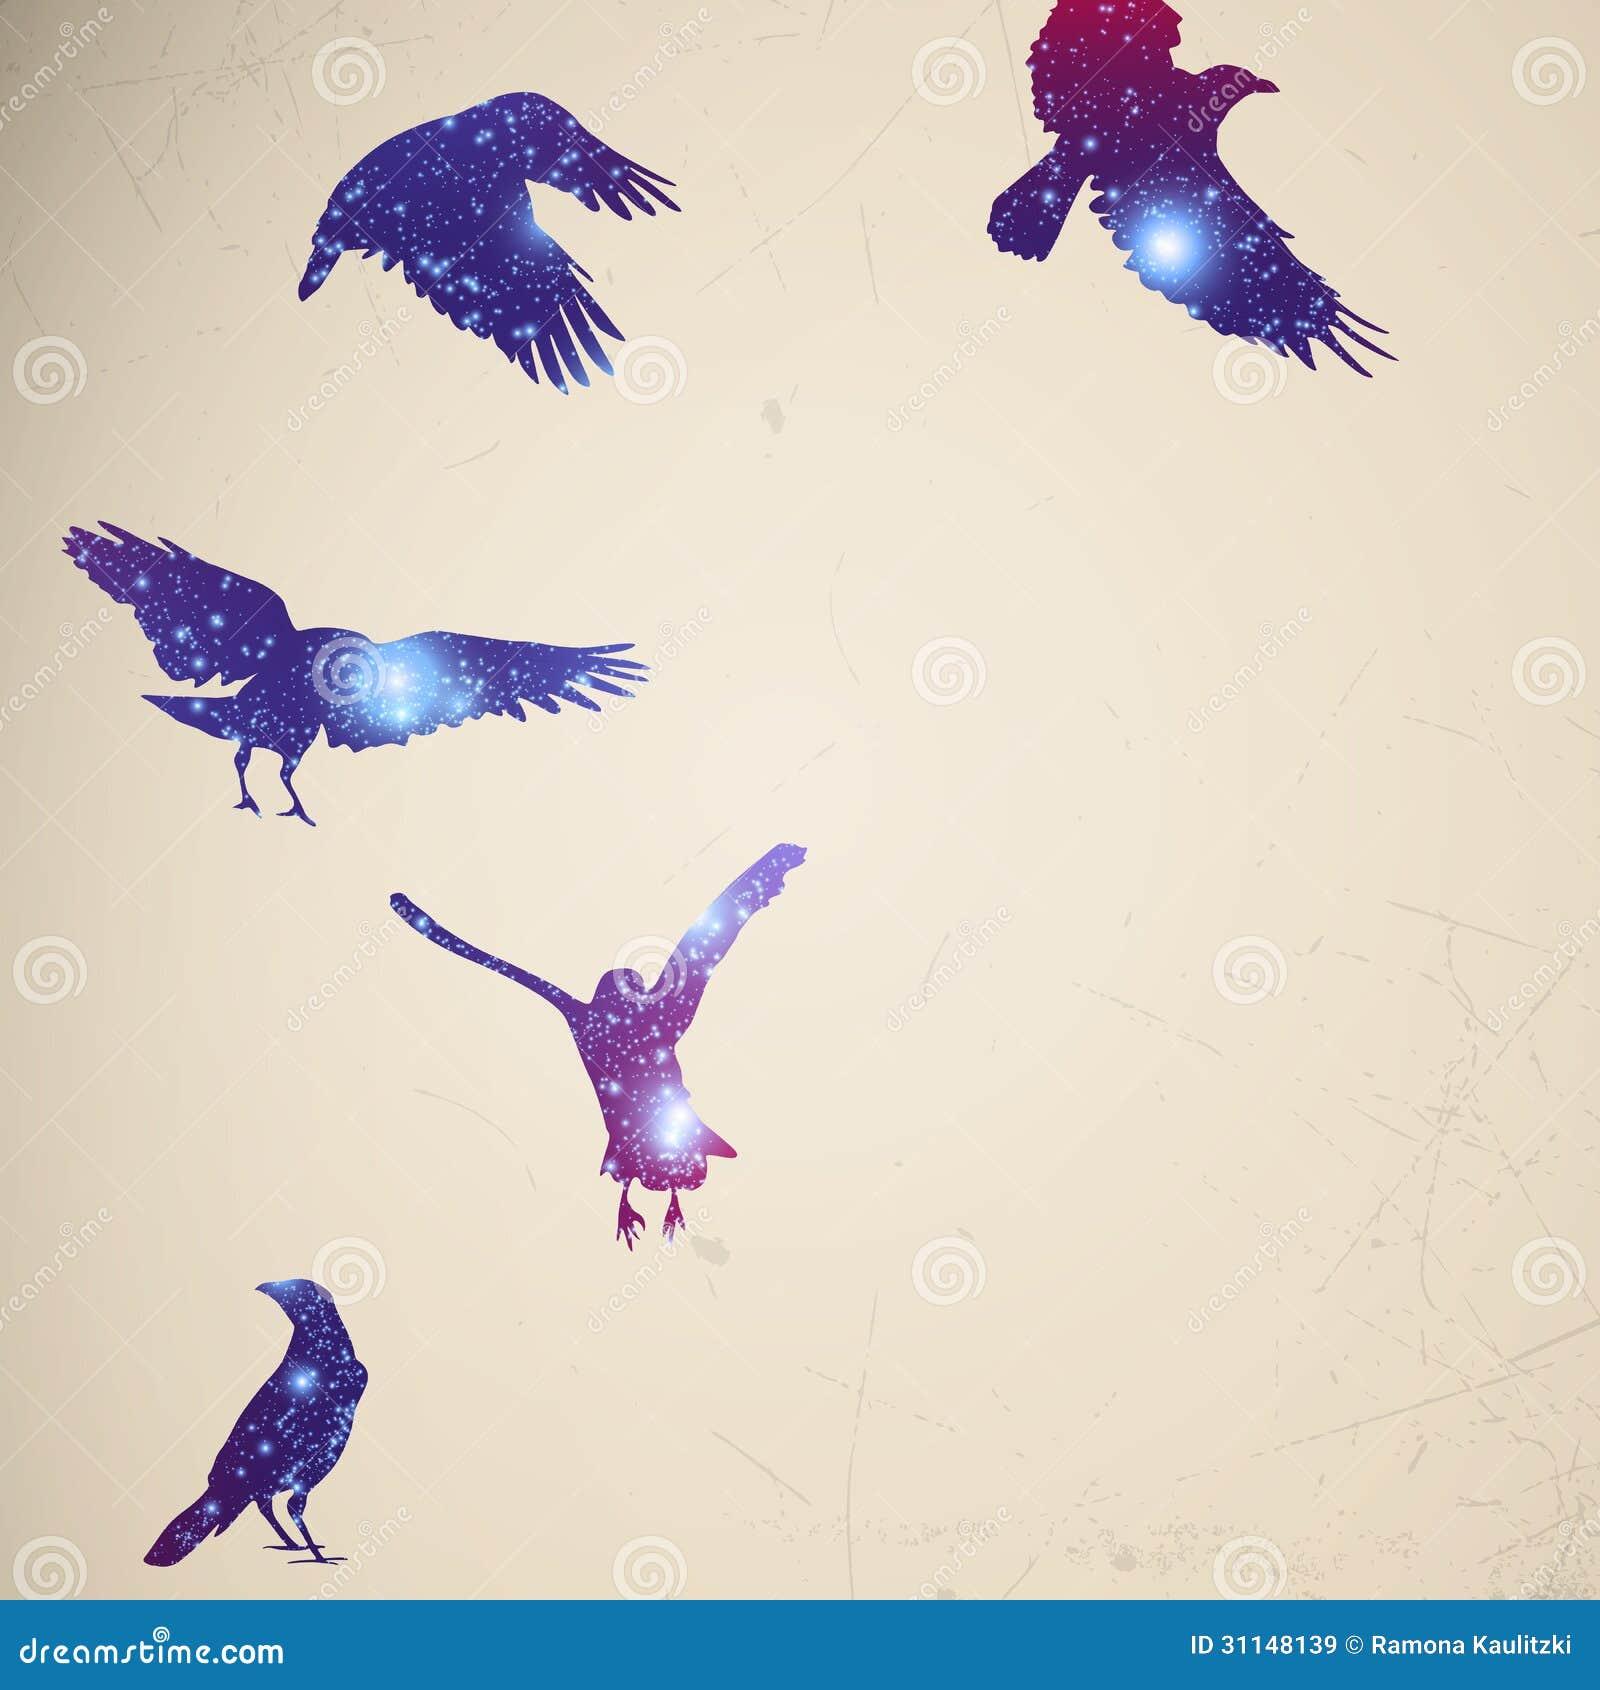 фото птицы летящей